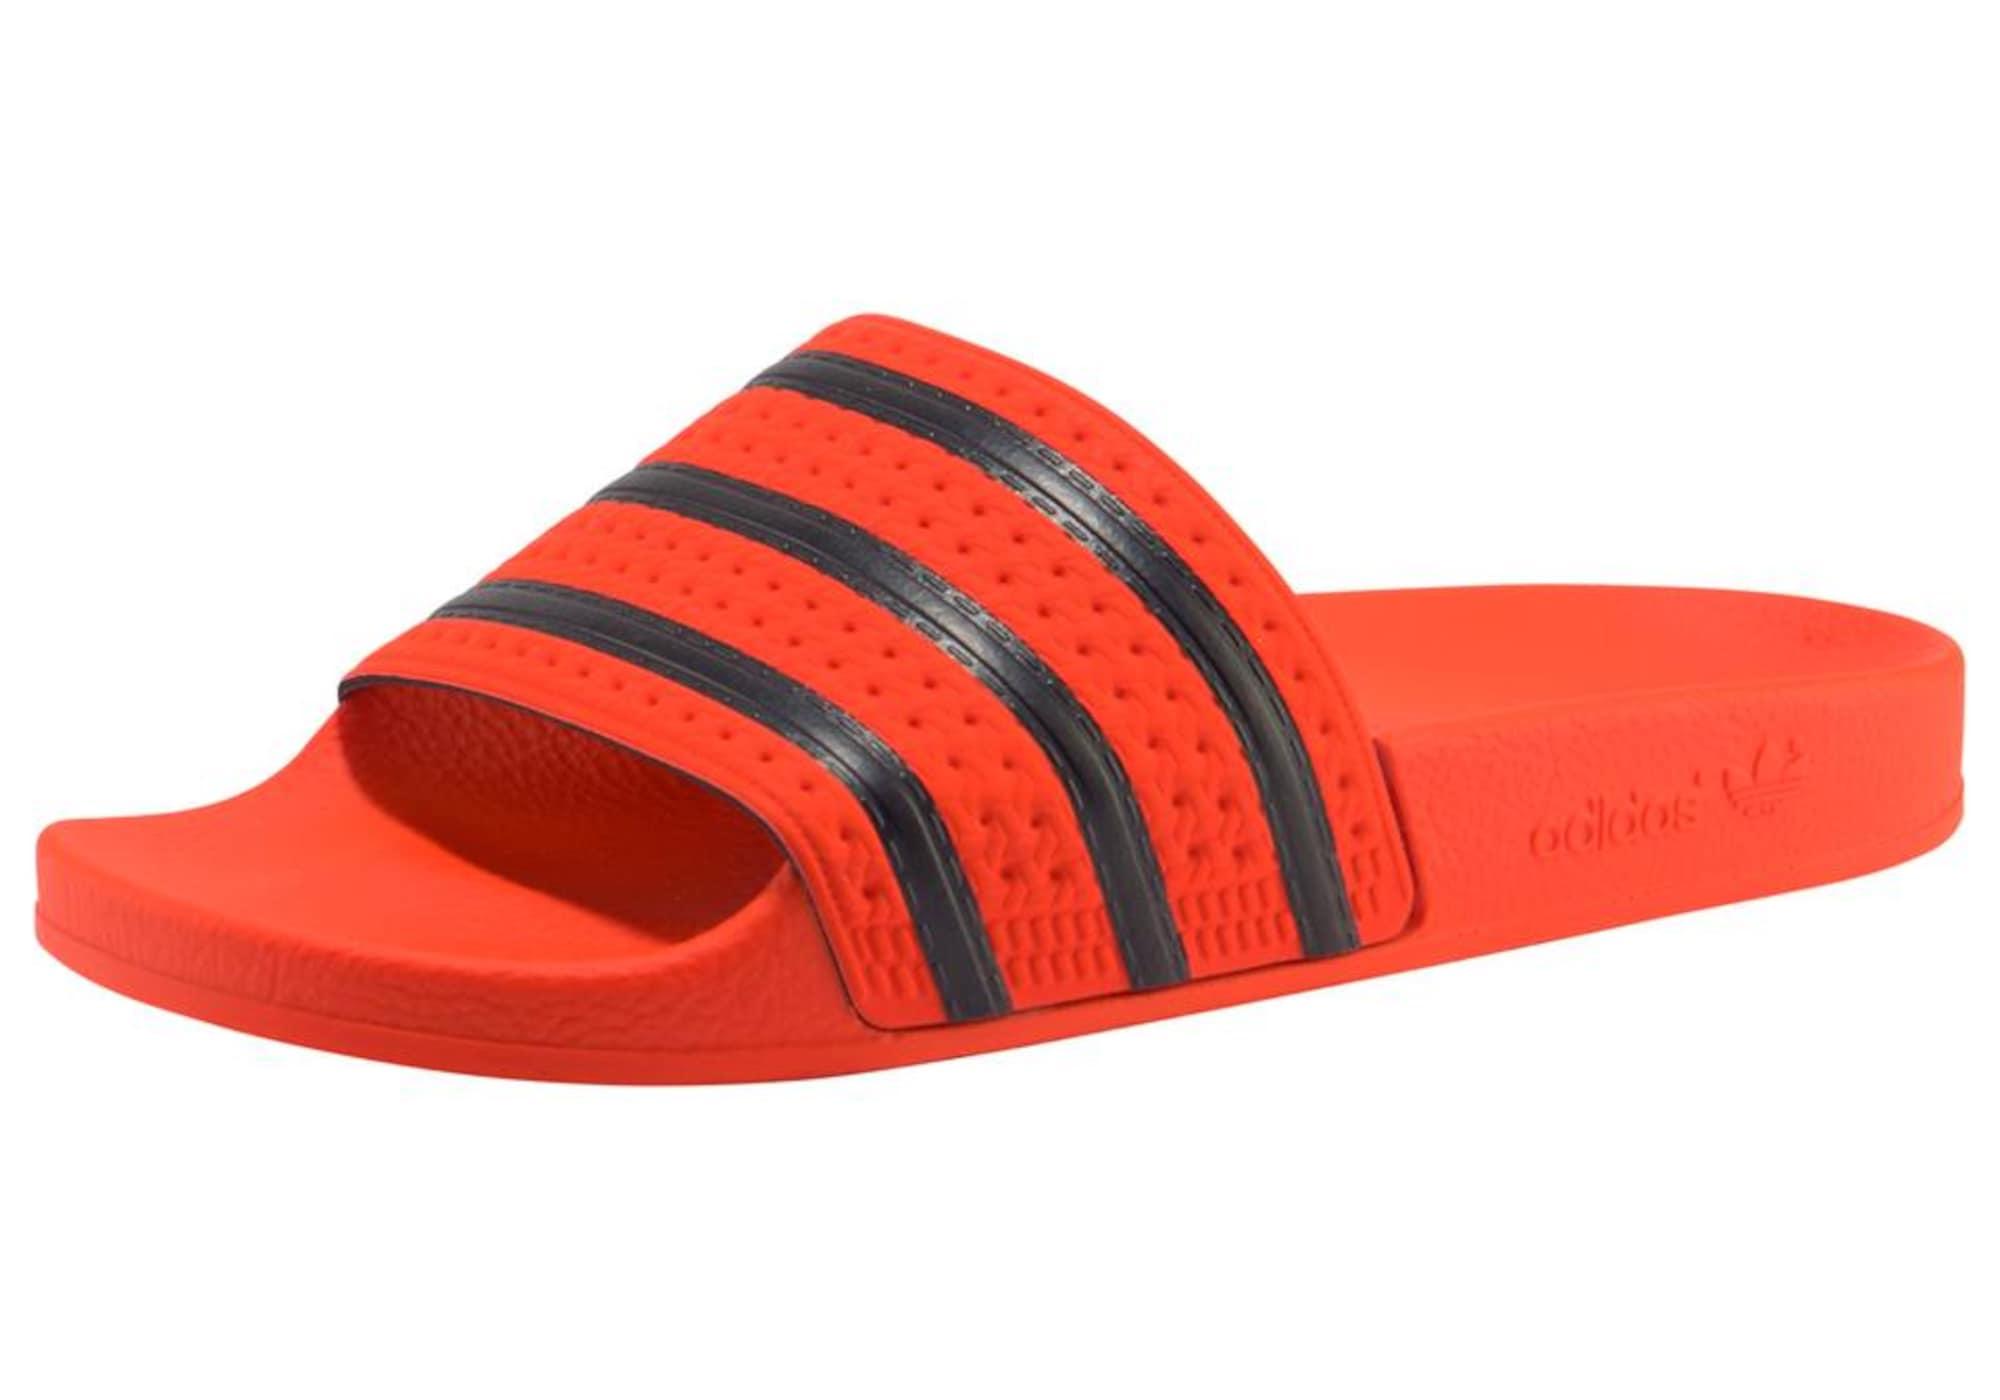 Pantofle Adilette oranžová černá ADIDAS ORIGINALS